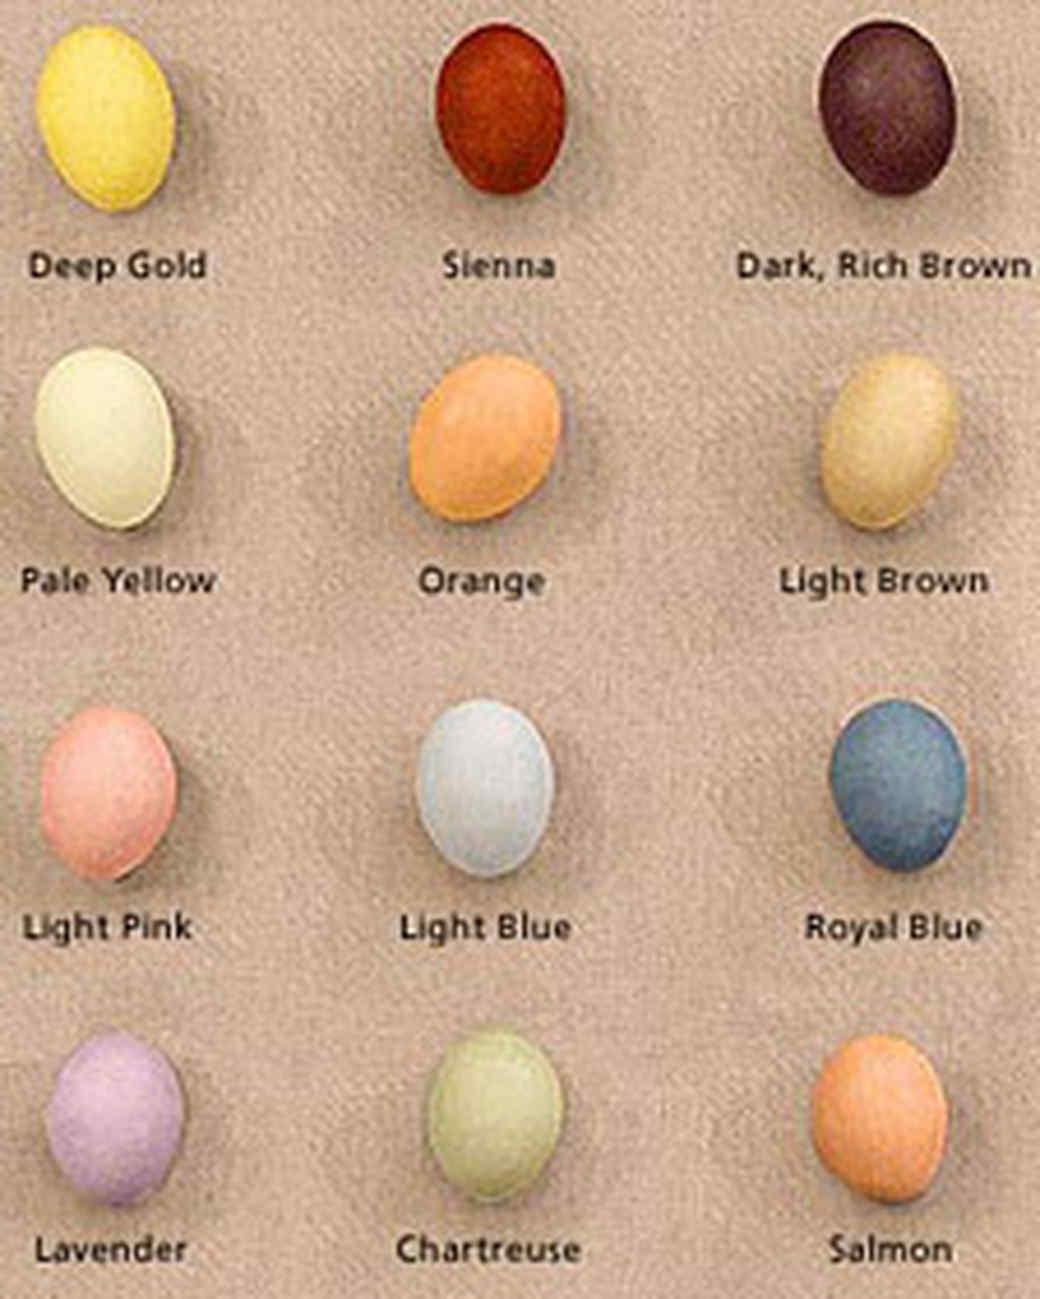 egg_glossary.jpg